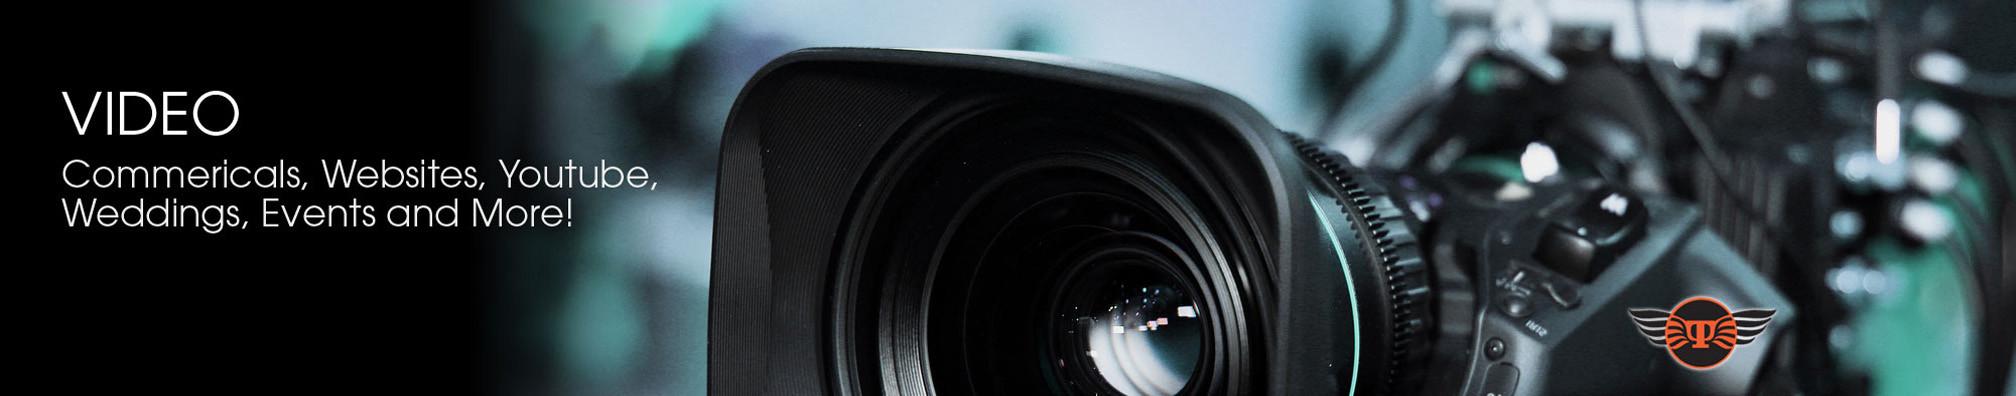 slide3_video